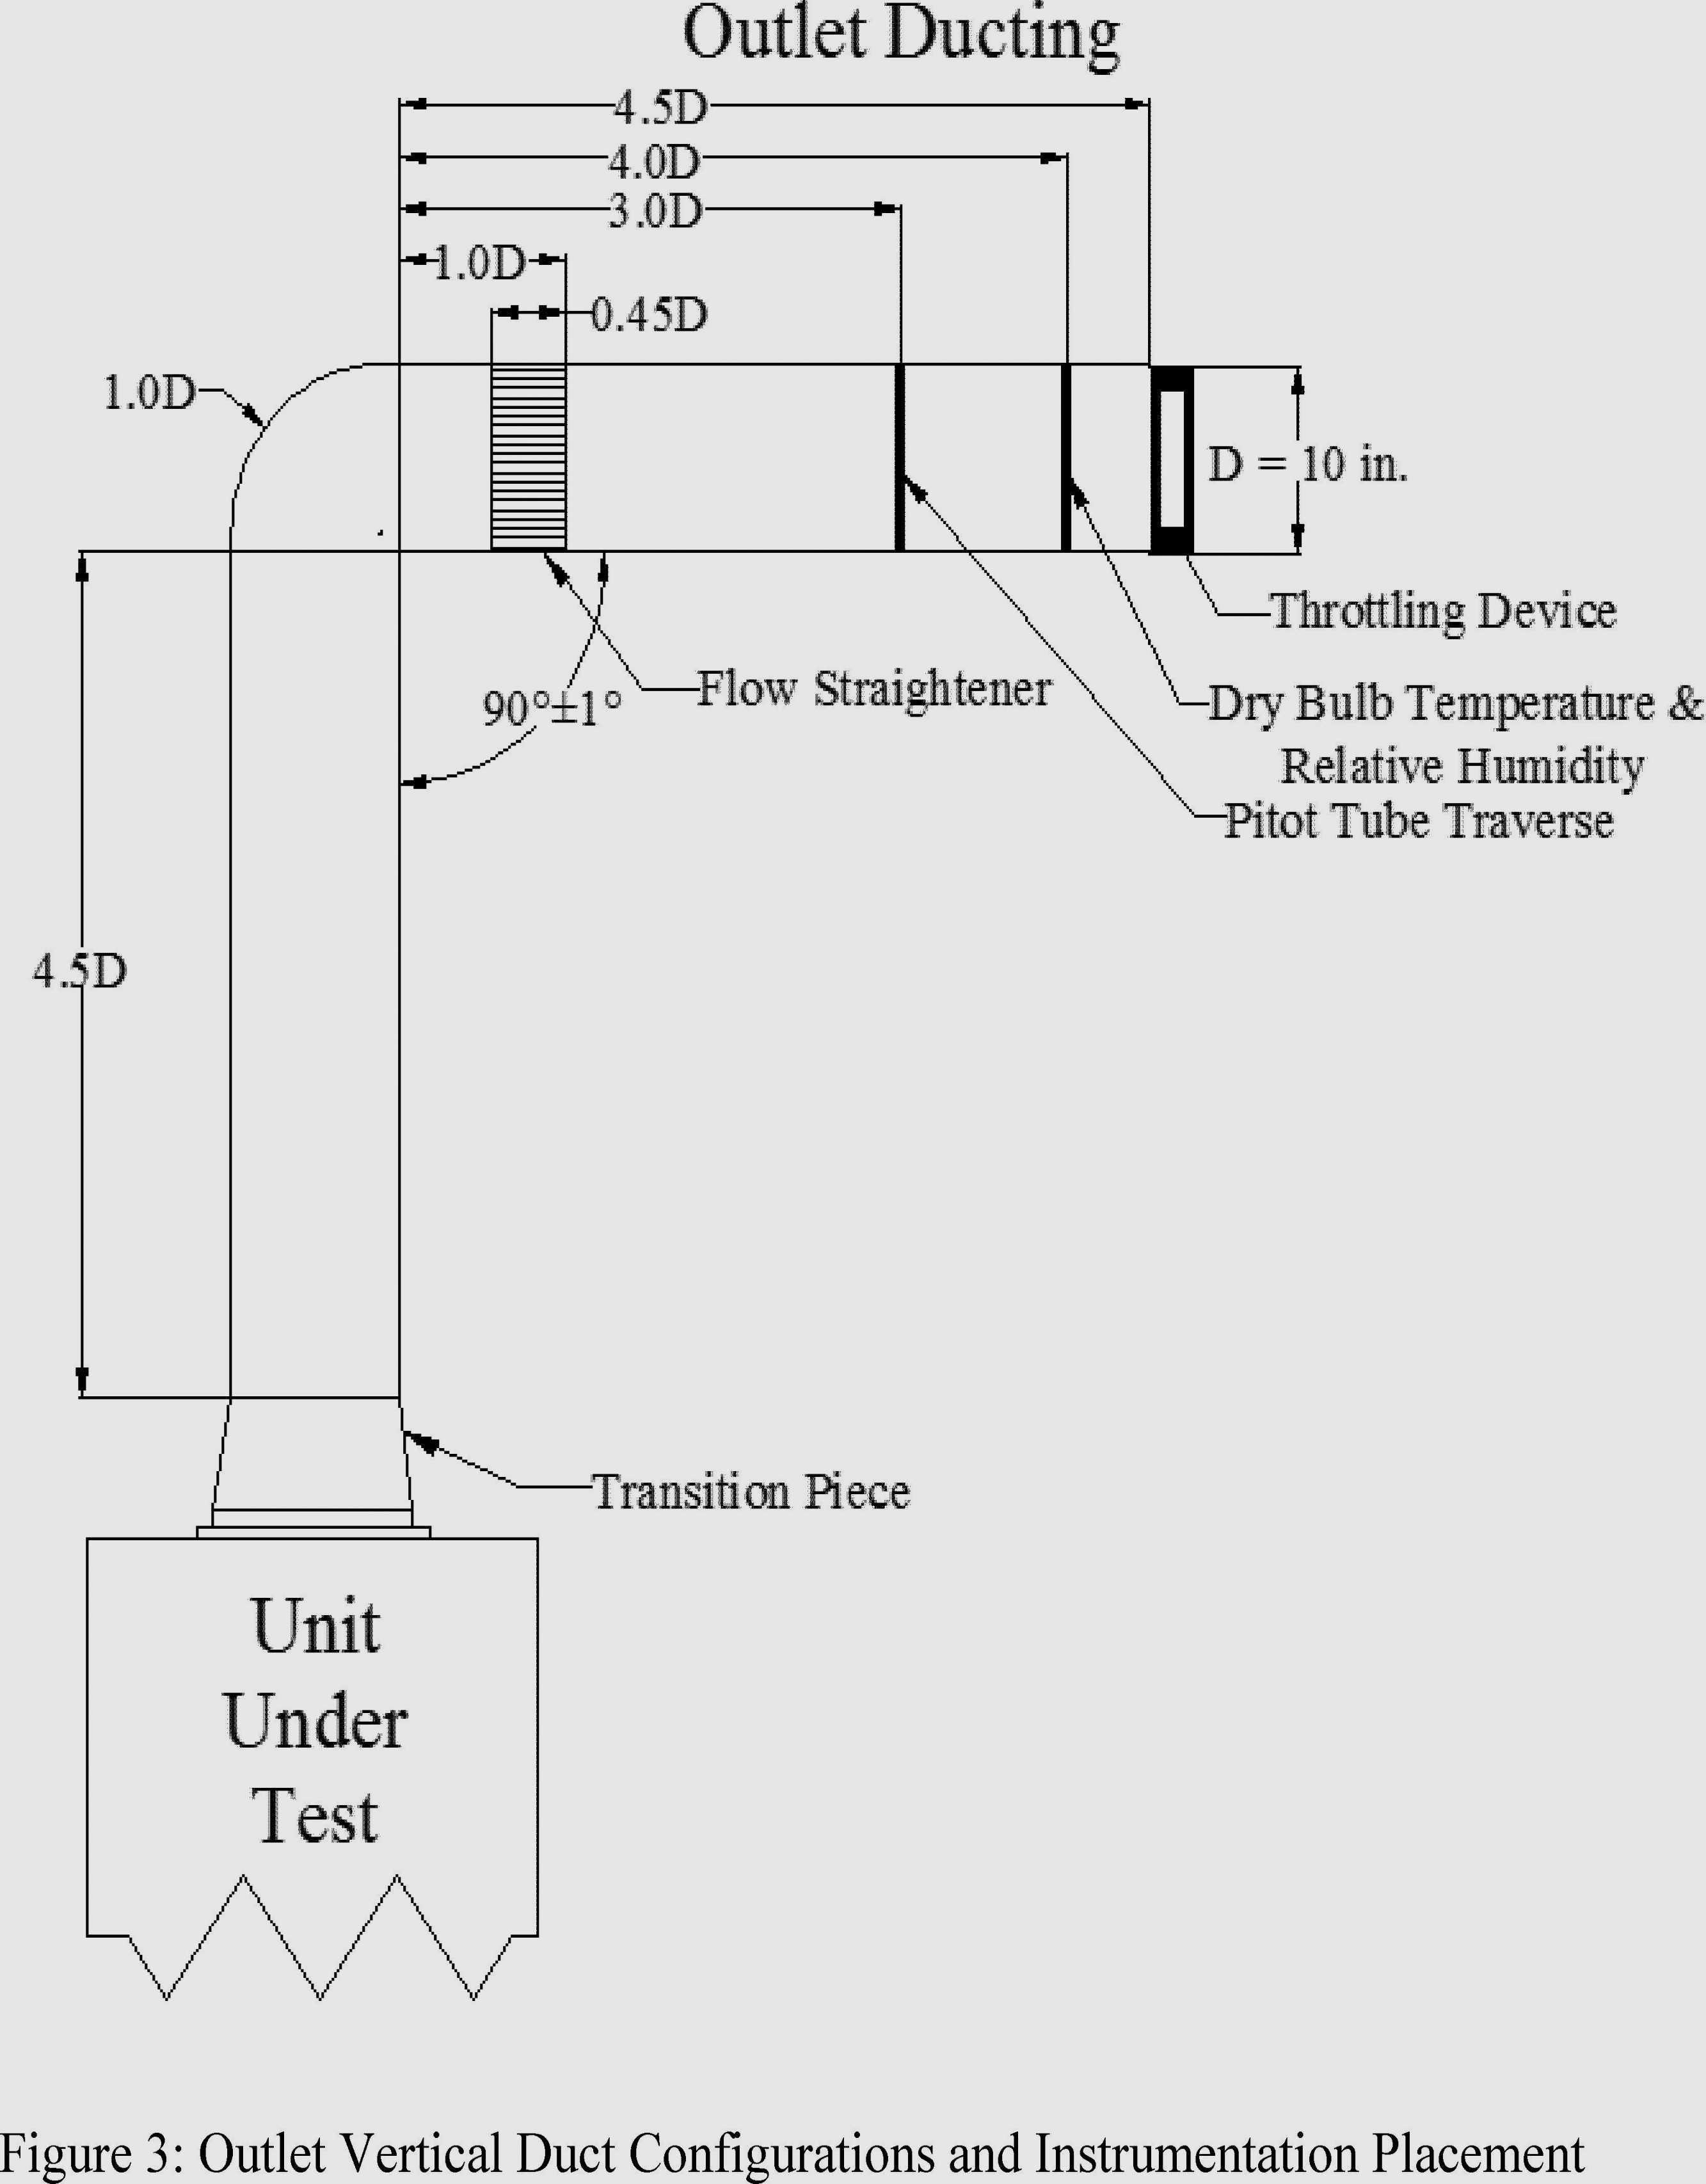 Stop Light Diagram Voltage Regulators Basiccircuit Circuit Diagram Seekic Blog Of Stop Light Diagram